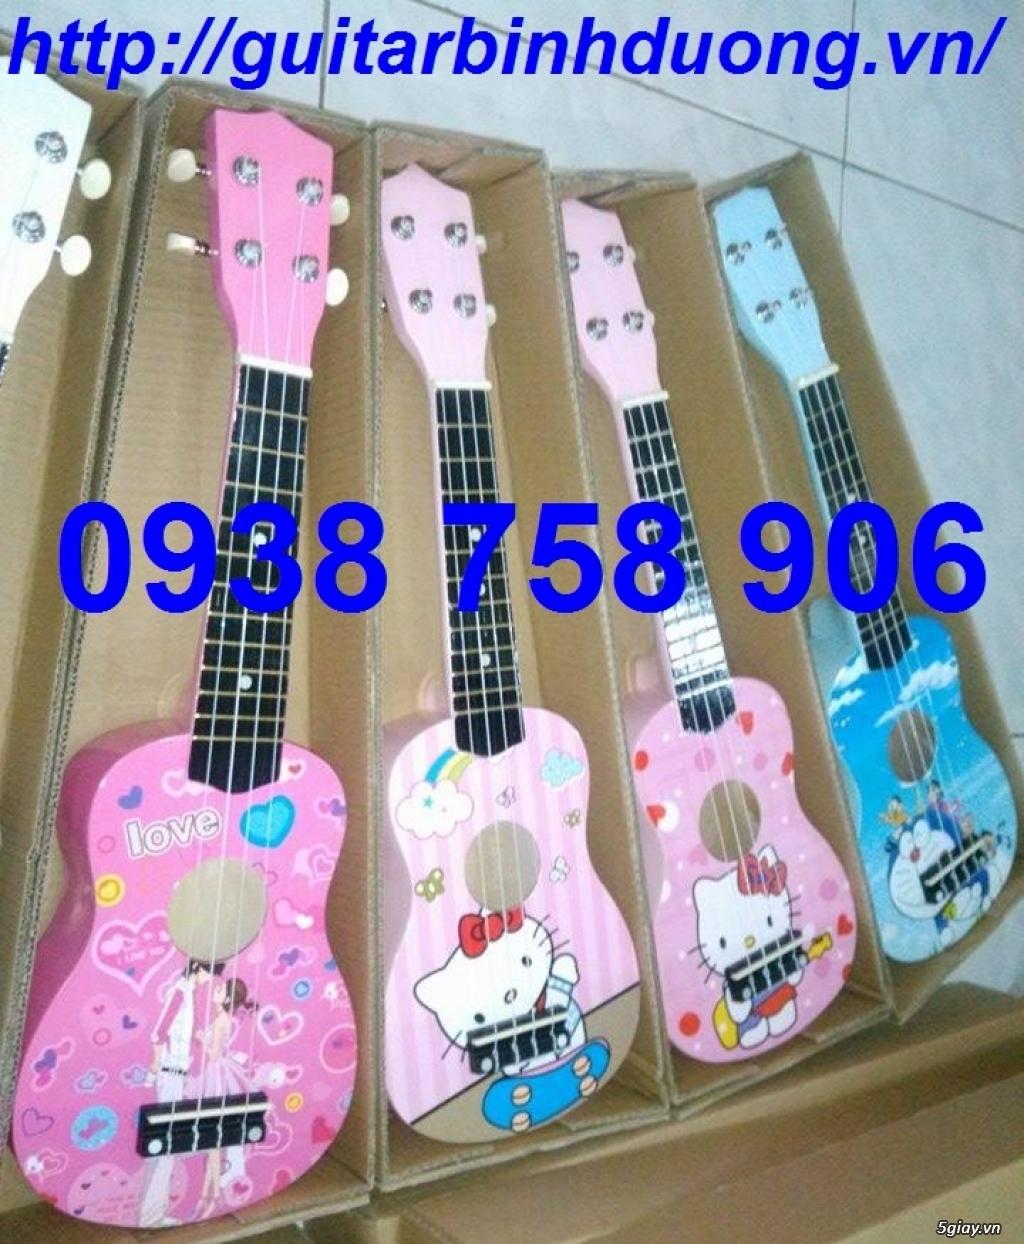 bán đàn Ukulele giá rẻ tại tại cửa hàng nhạc cụ mới Bình Dương - 27